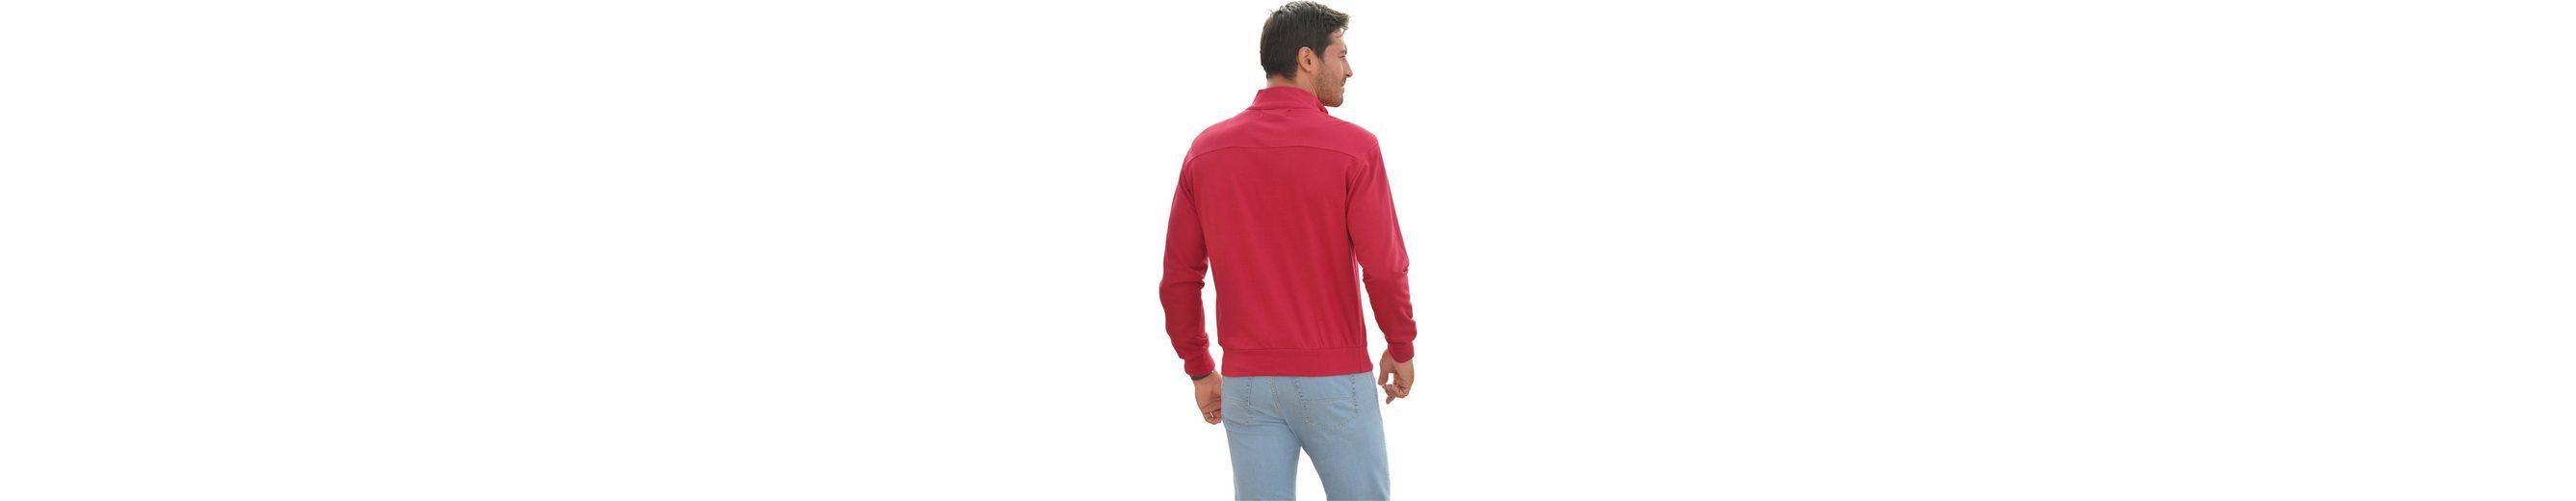 Top-Qualität Zum Verkauf Perfekt Catamaran Langarm-Shirt aus reiner Baumwolle Freies Verschiffen Manchester Großer Verkauf bFQfysgNS